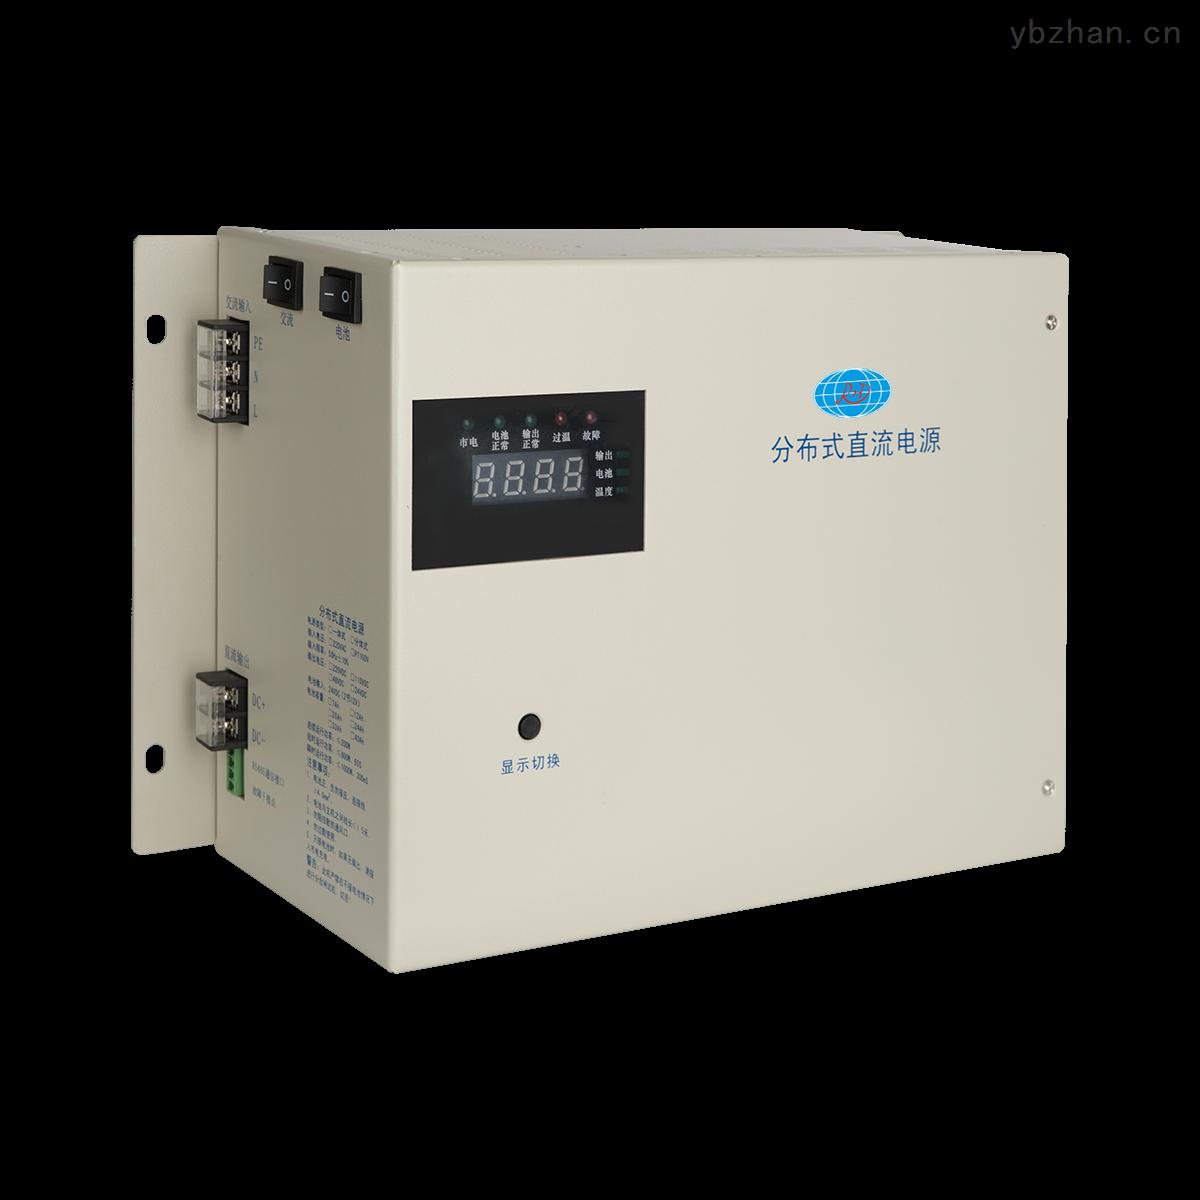 RHT600-微型分布式直流电源电力操作